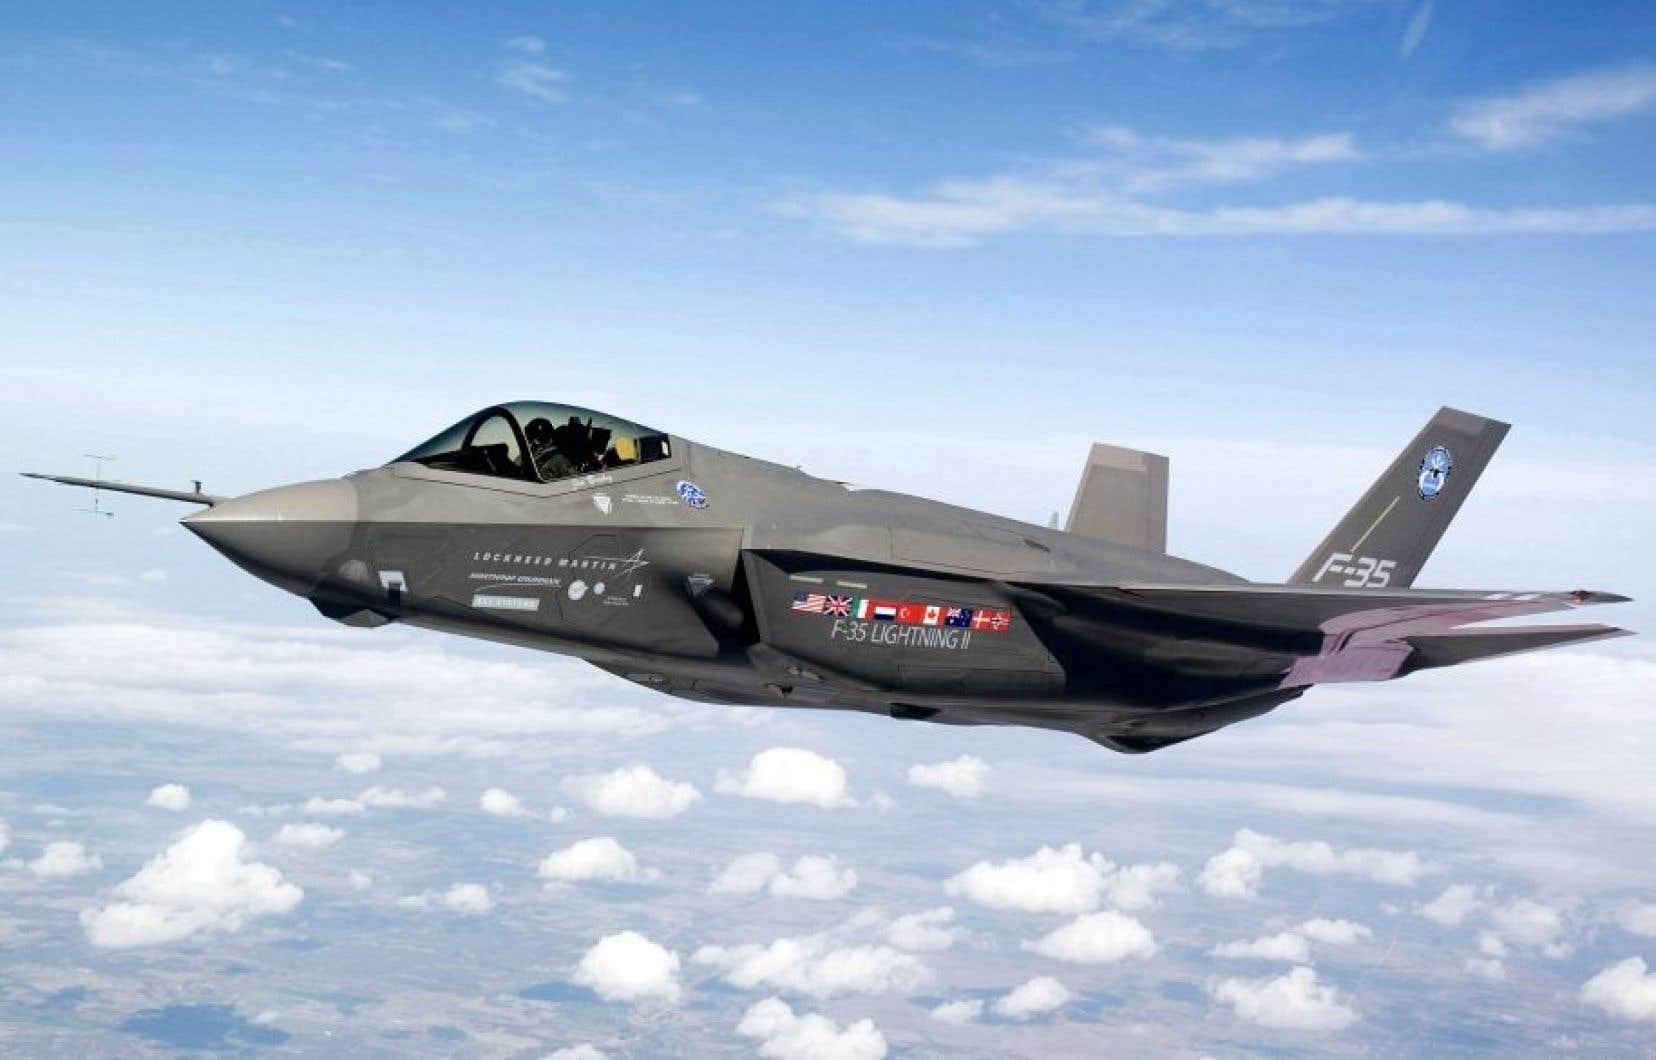 Les libéraux avaient en effet promis en campagne électorale, en 2015, qu'ils n'achèteraient pas de F-35.